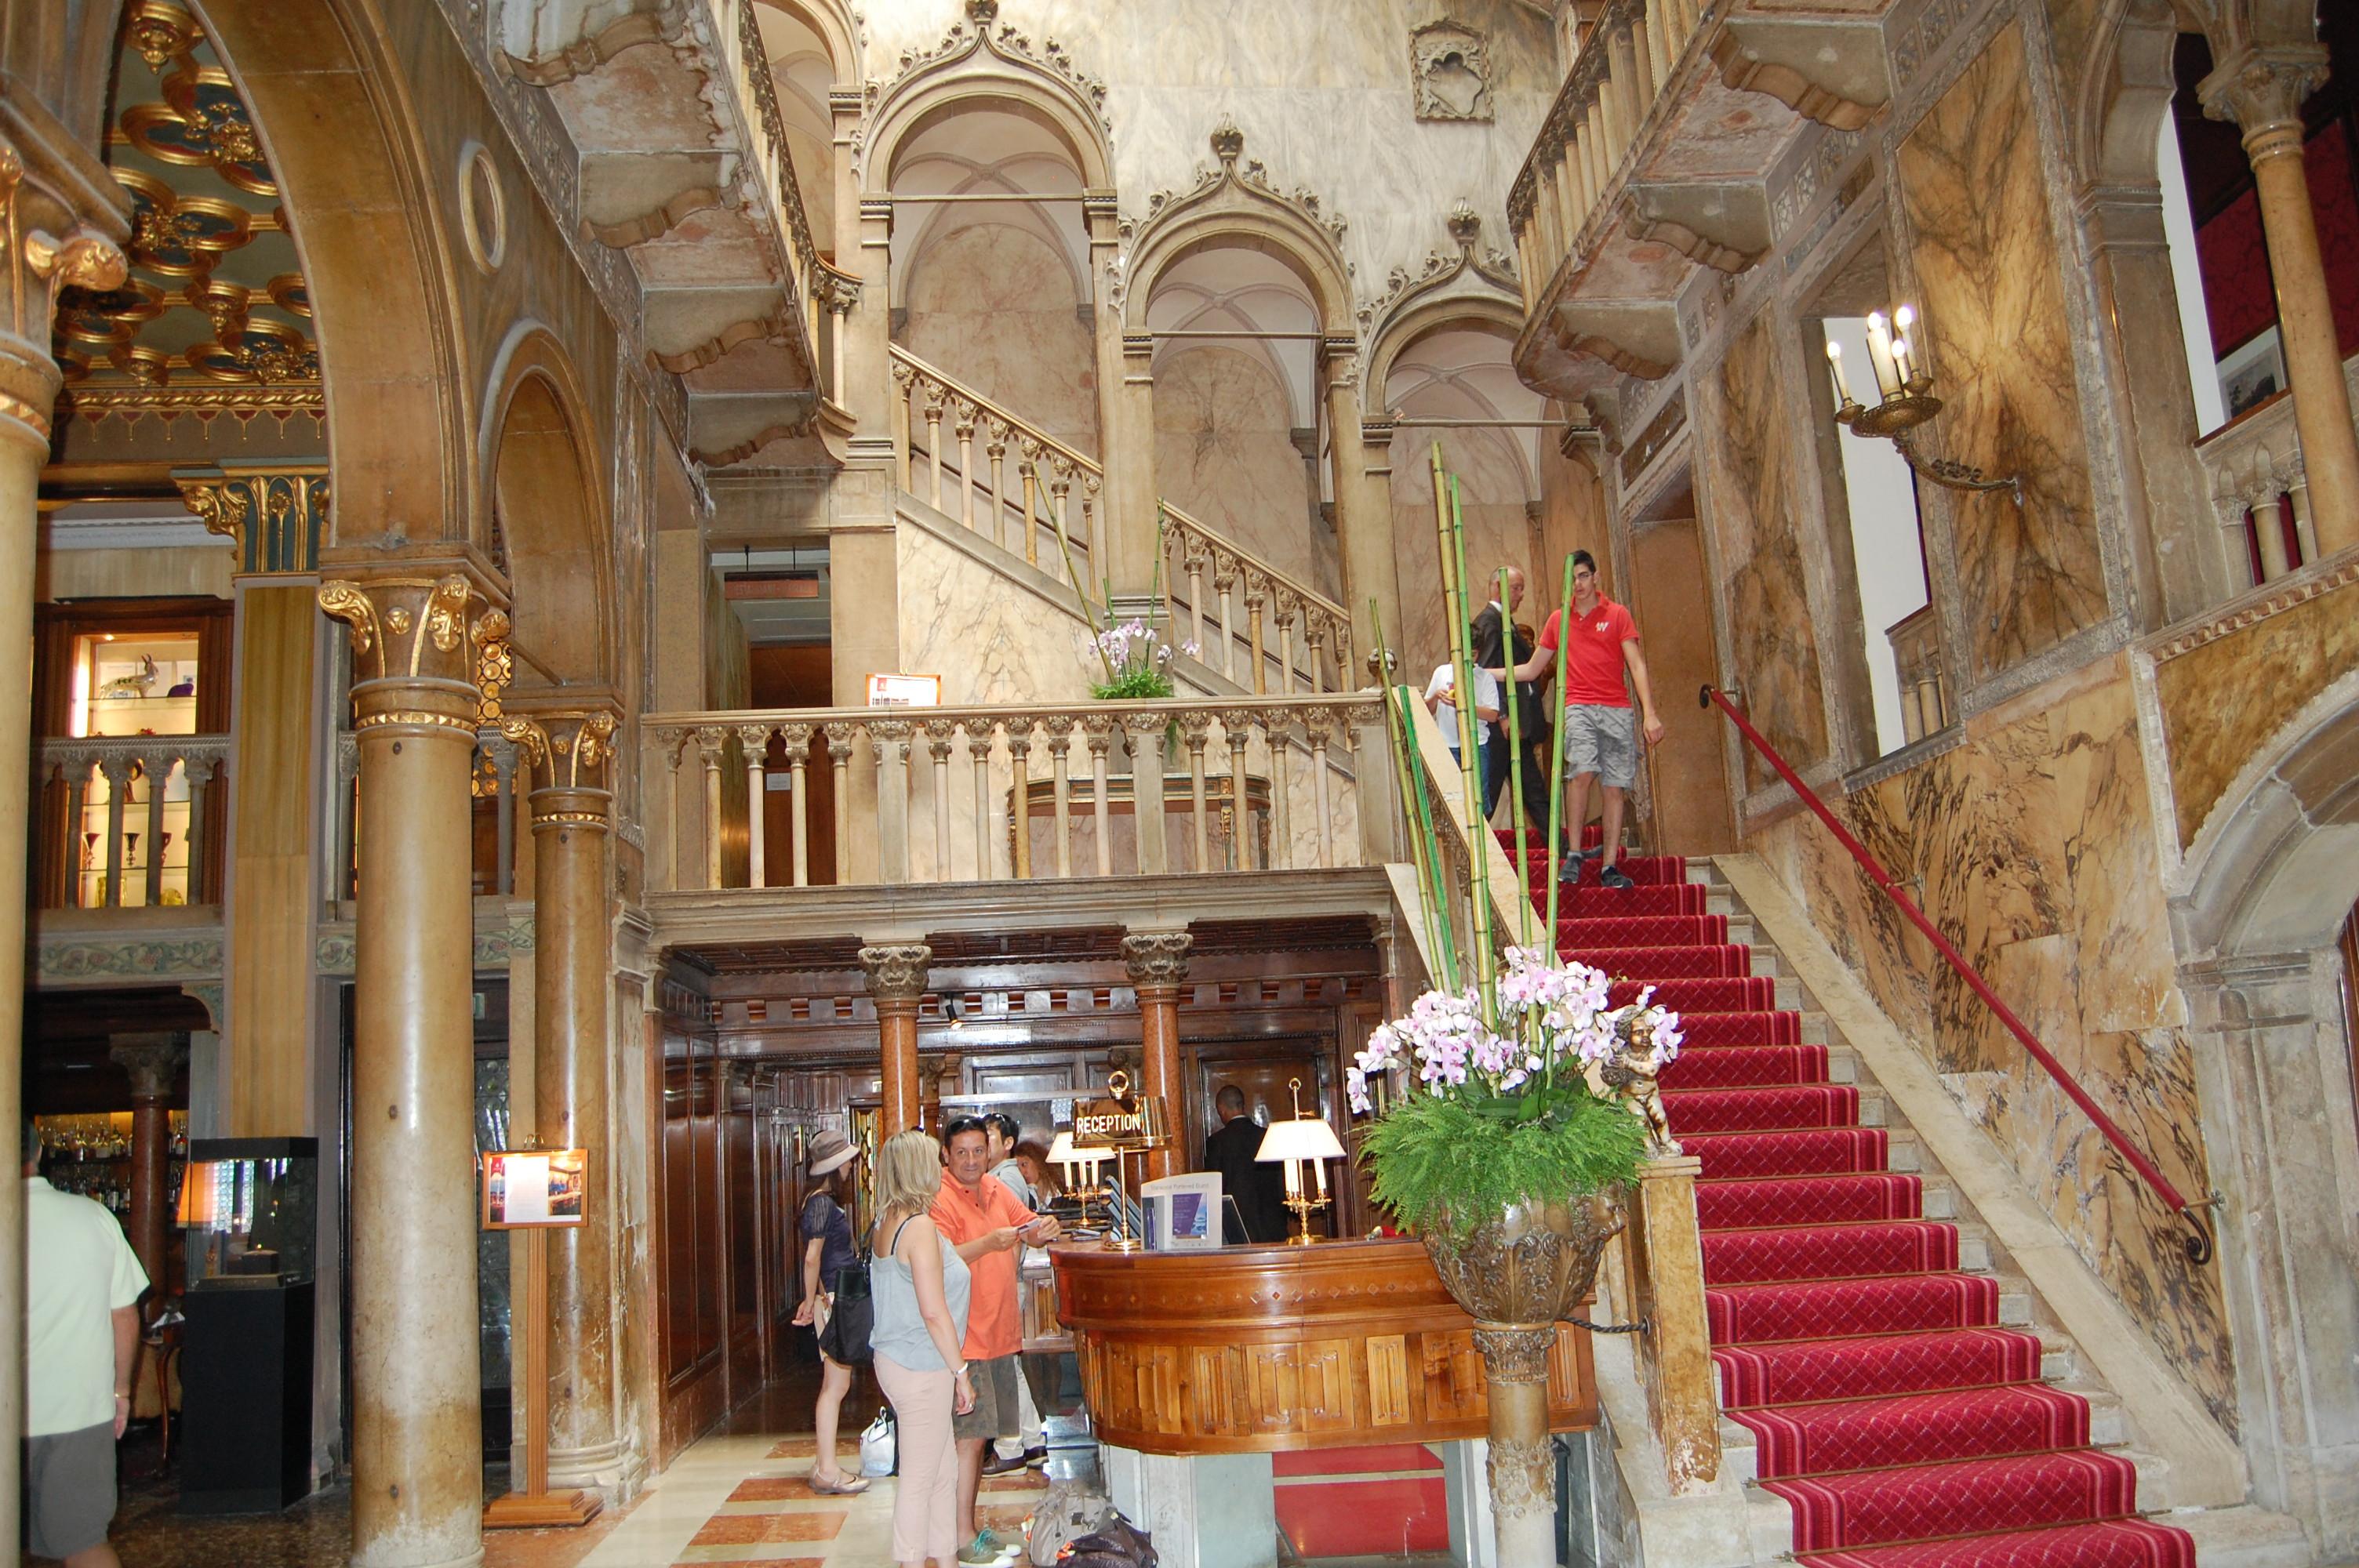 The Best Luxury Hotels in the World | Wonder Wardrobes